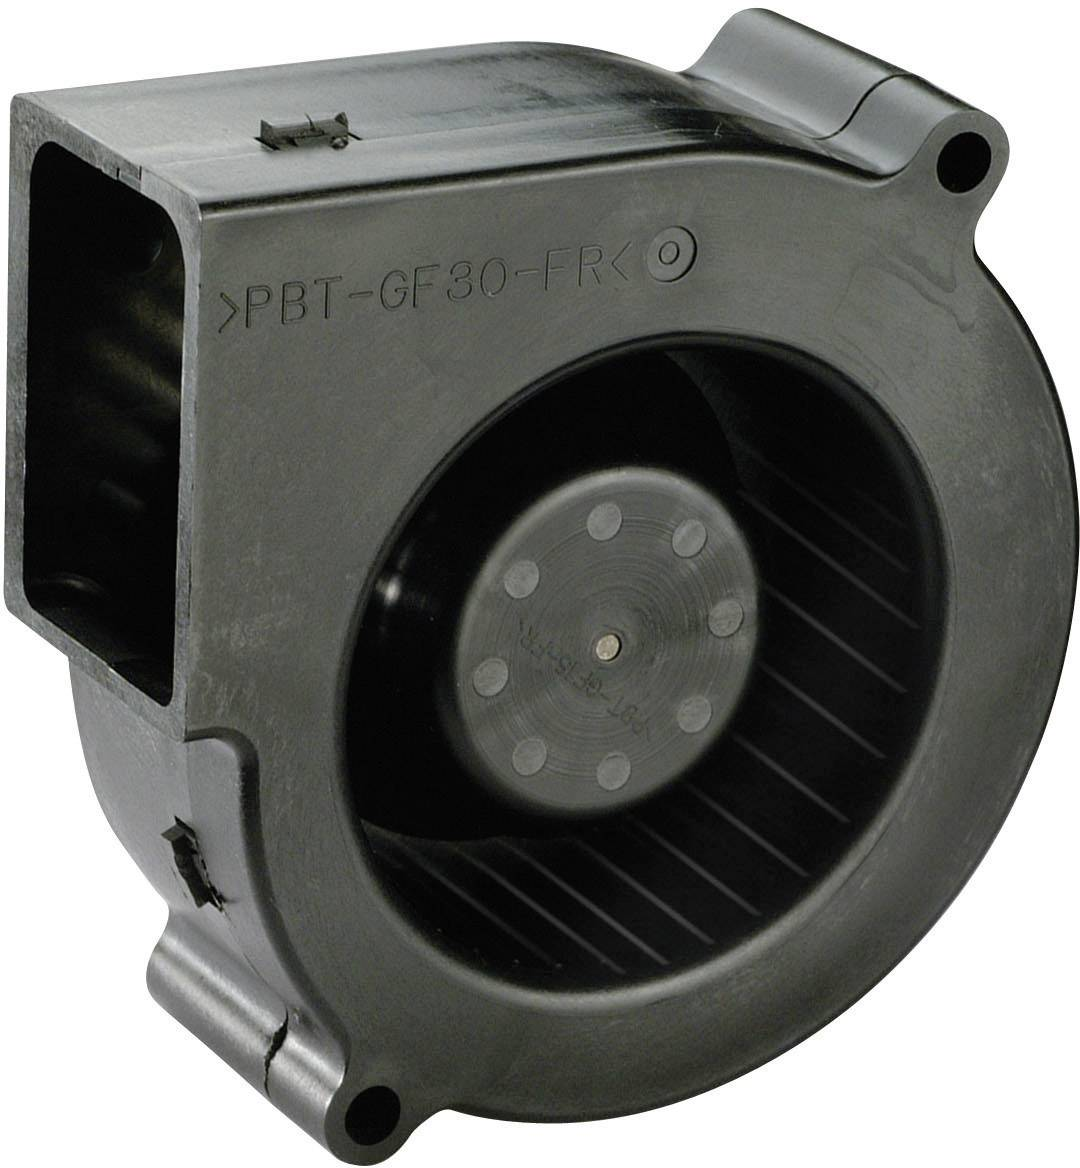 Axiálny ventilátor NMB Minebea BG0703-B055-000-00 BG0703-B055-000-00, 24 V/DC, 43 dB, (d x š x v) 75.7 x 75.7 x 30 mm